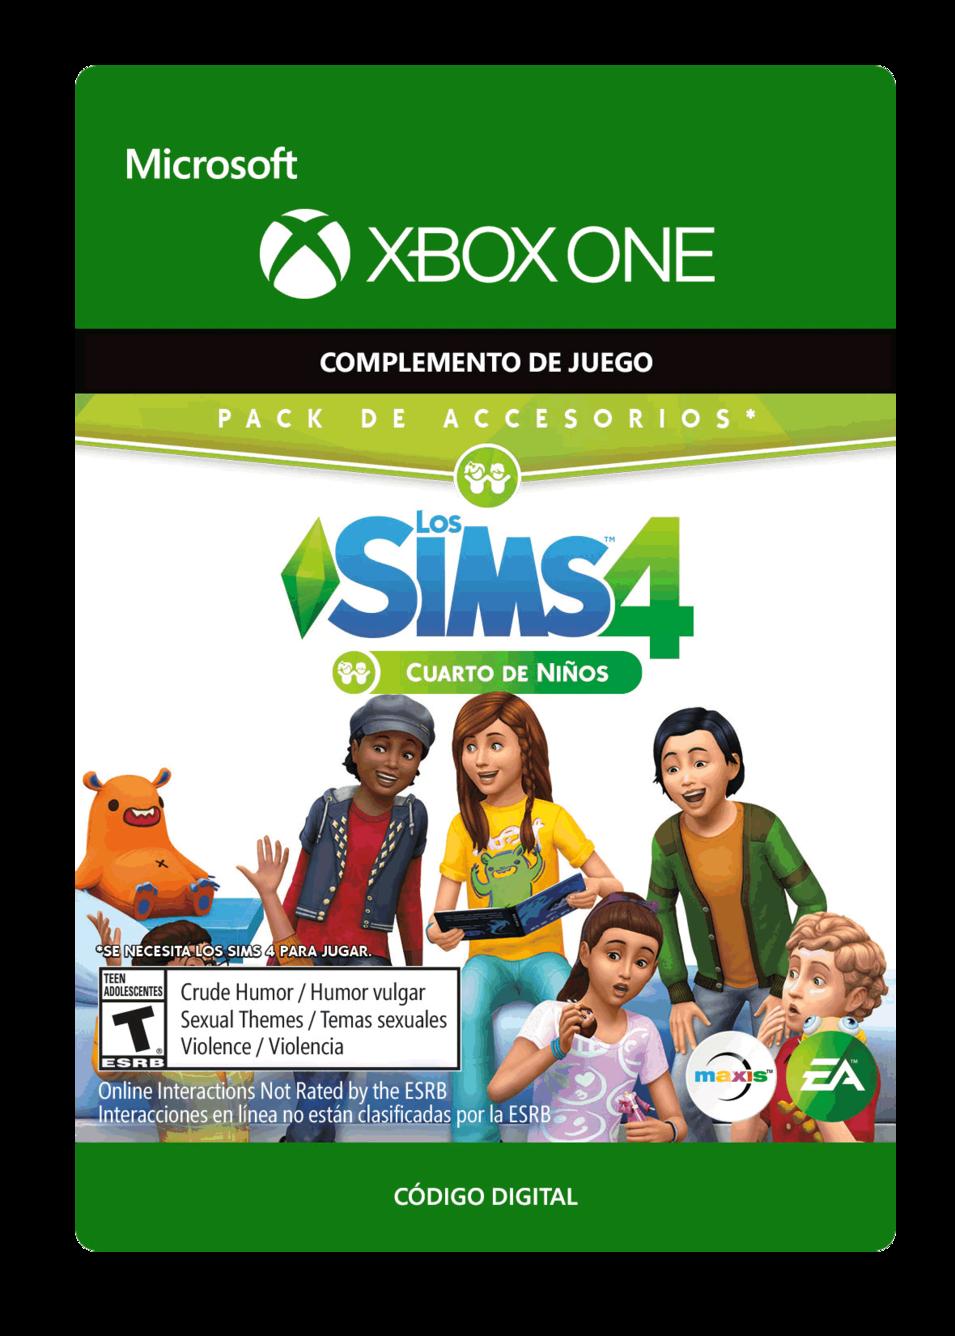 The Sims 4 Cuarto de Niños Pack de Accesorios